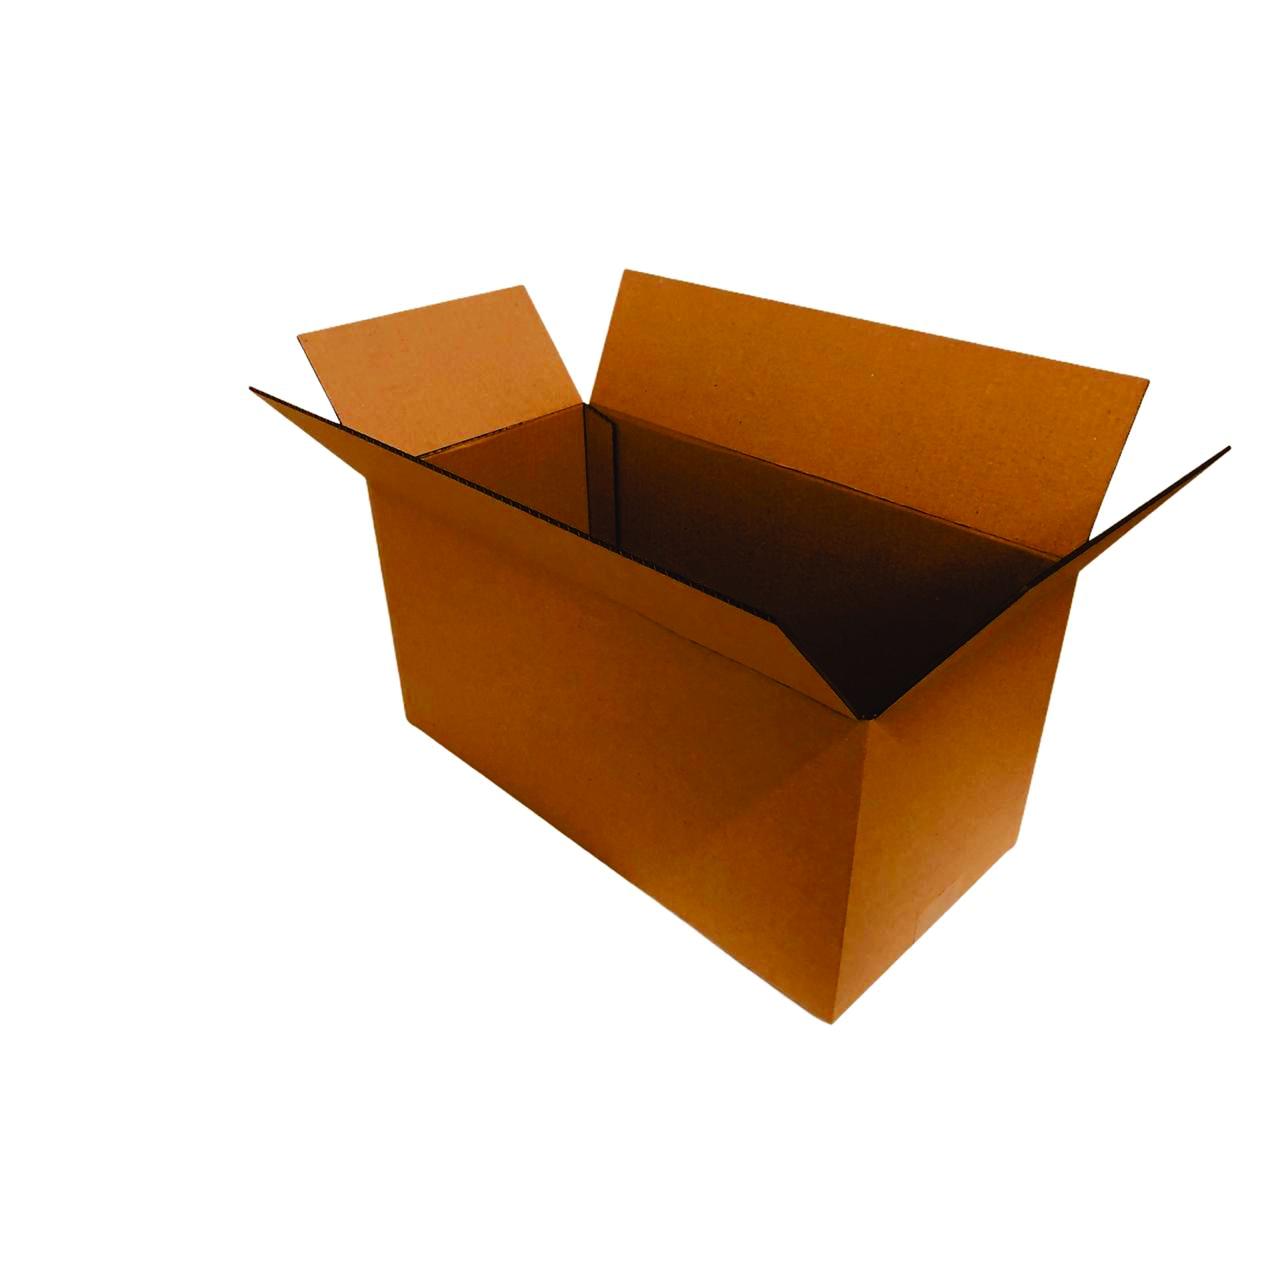 100 Caixas de Papelao (40X20X20)cm - Sedex / Pac / Correios